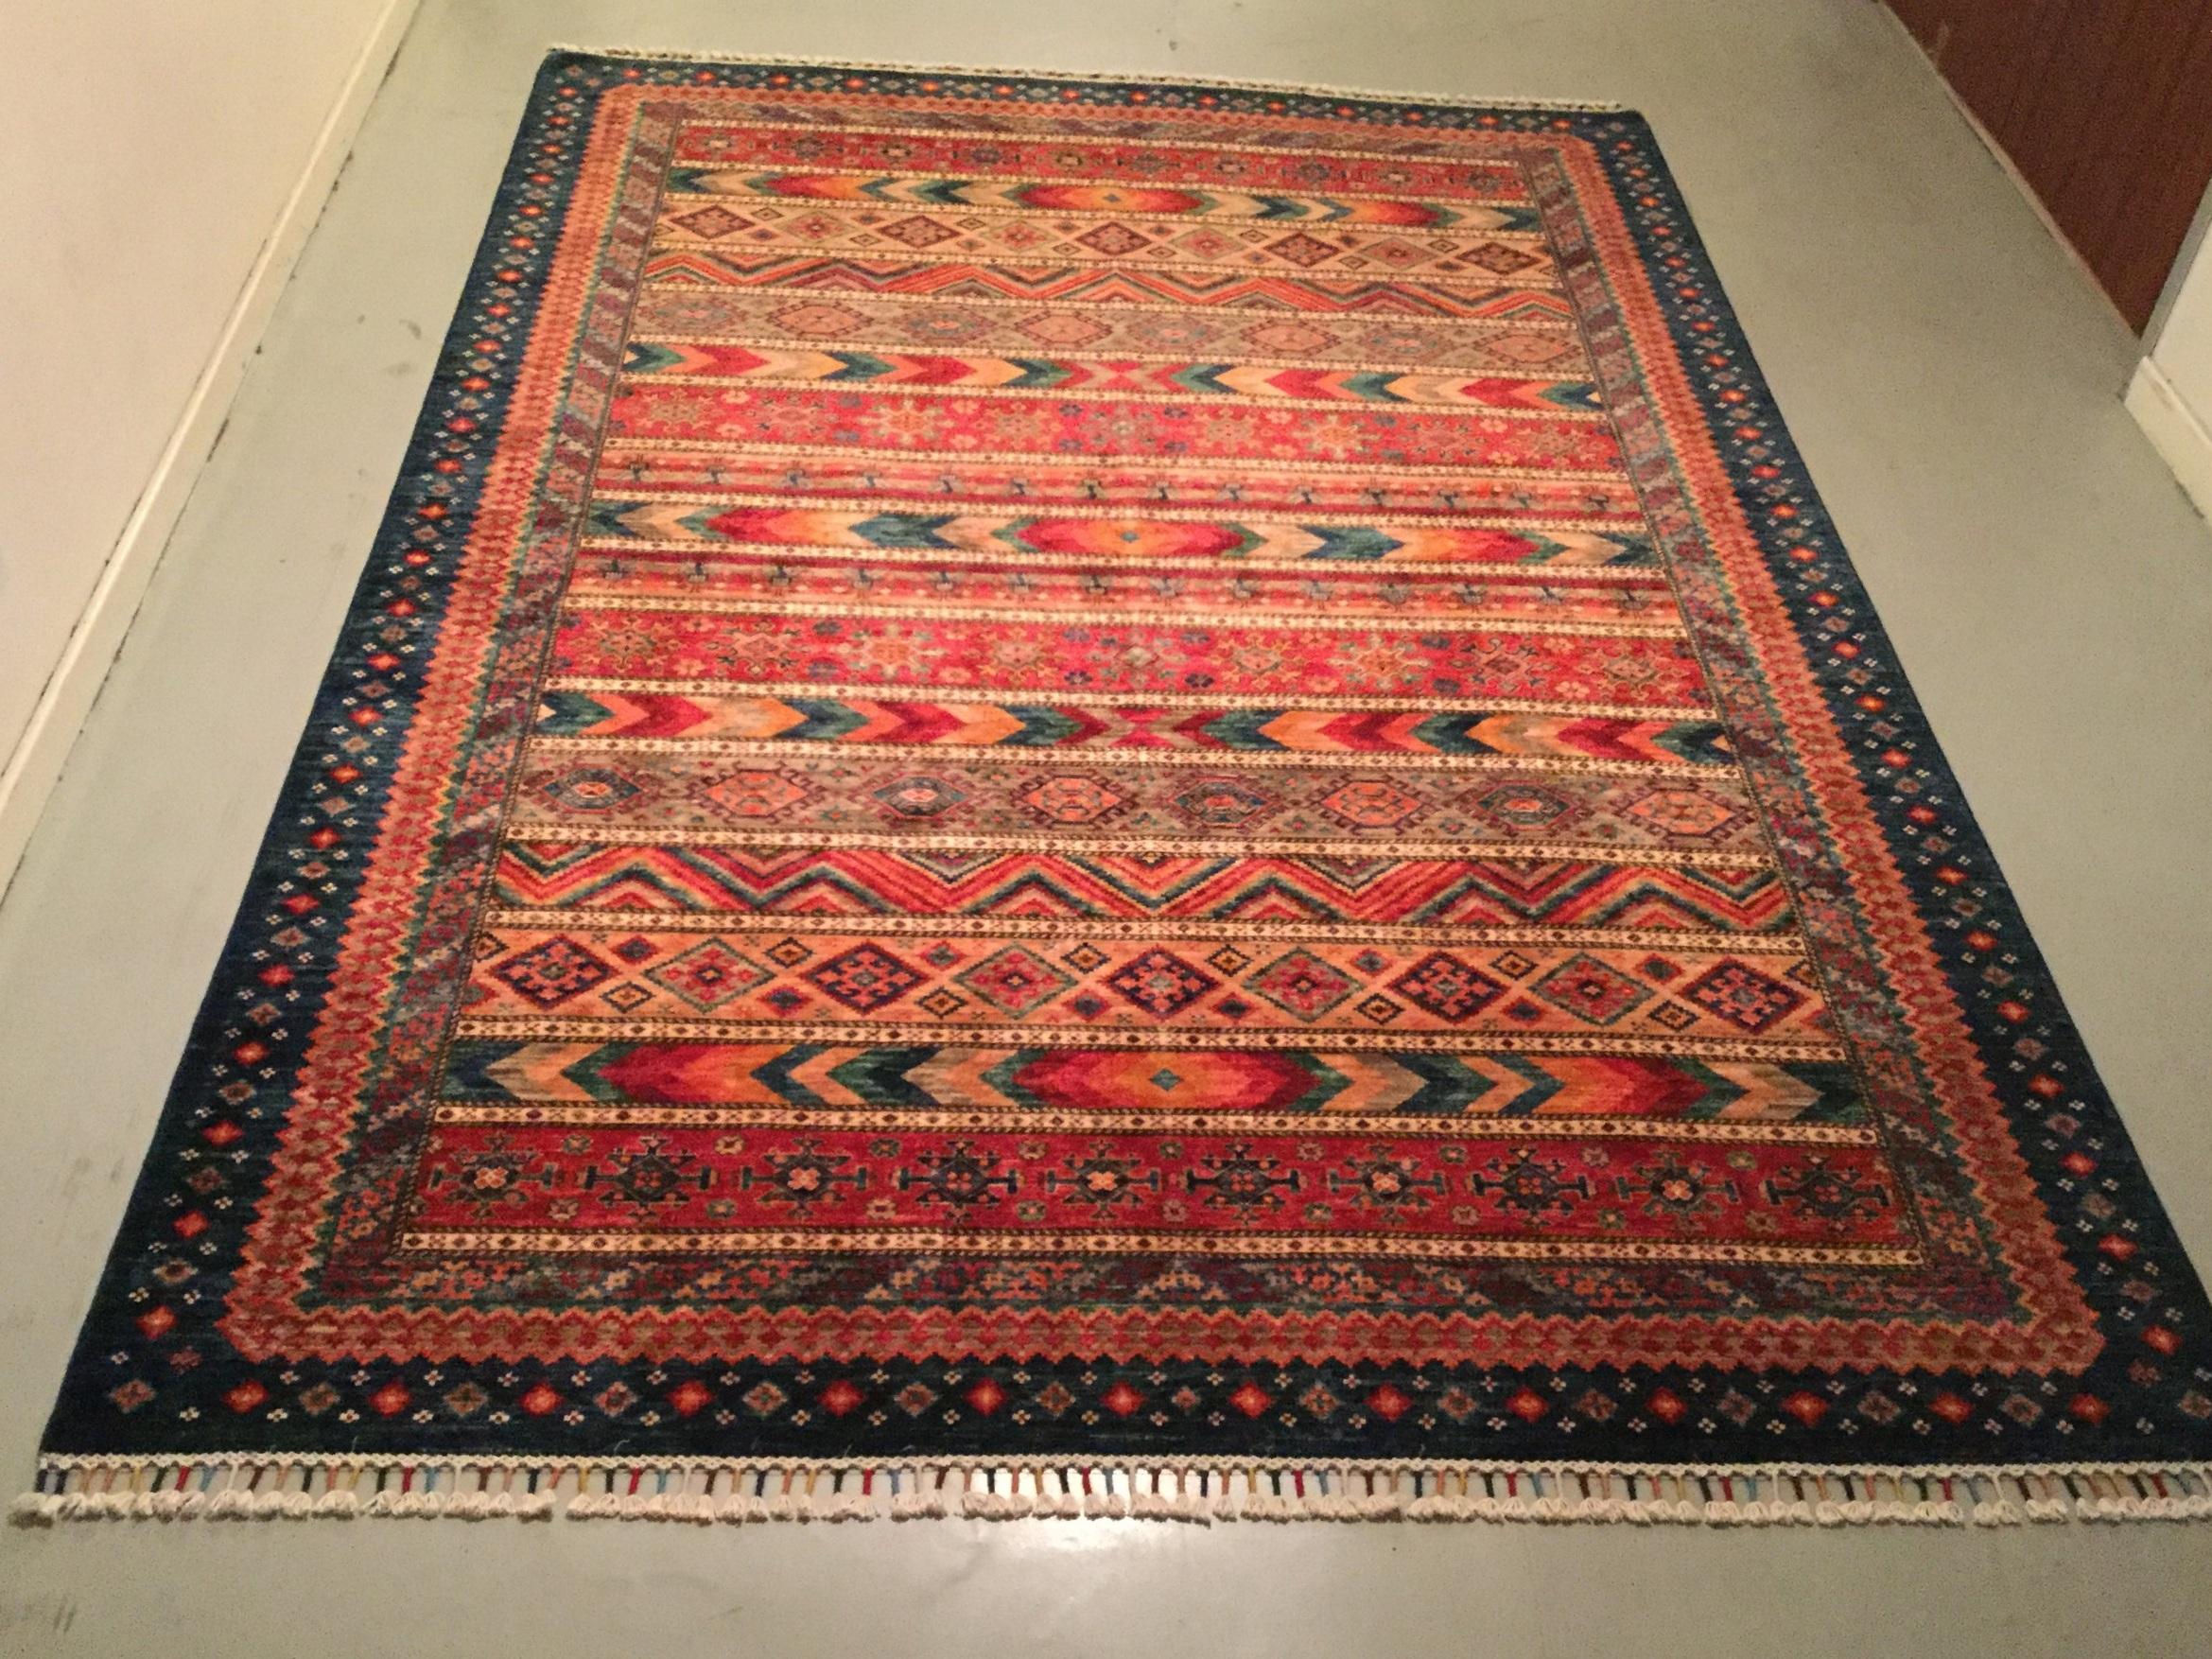 Afghan Kazak - Circa 2000's    Size Measurements: 290cm x 205cm